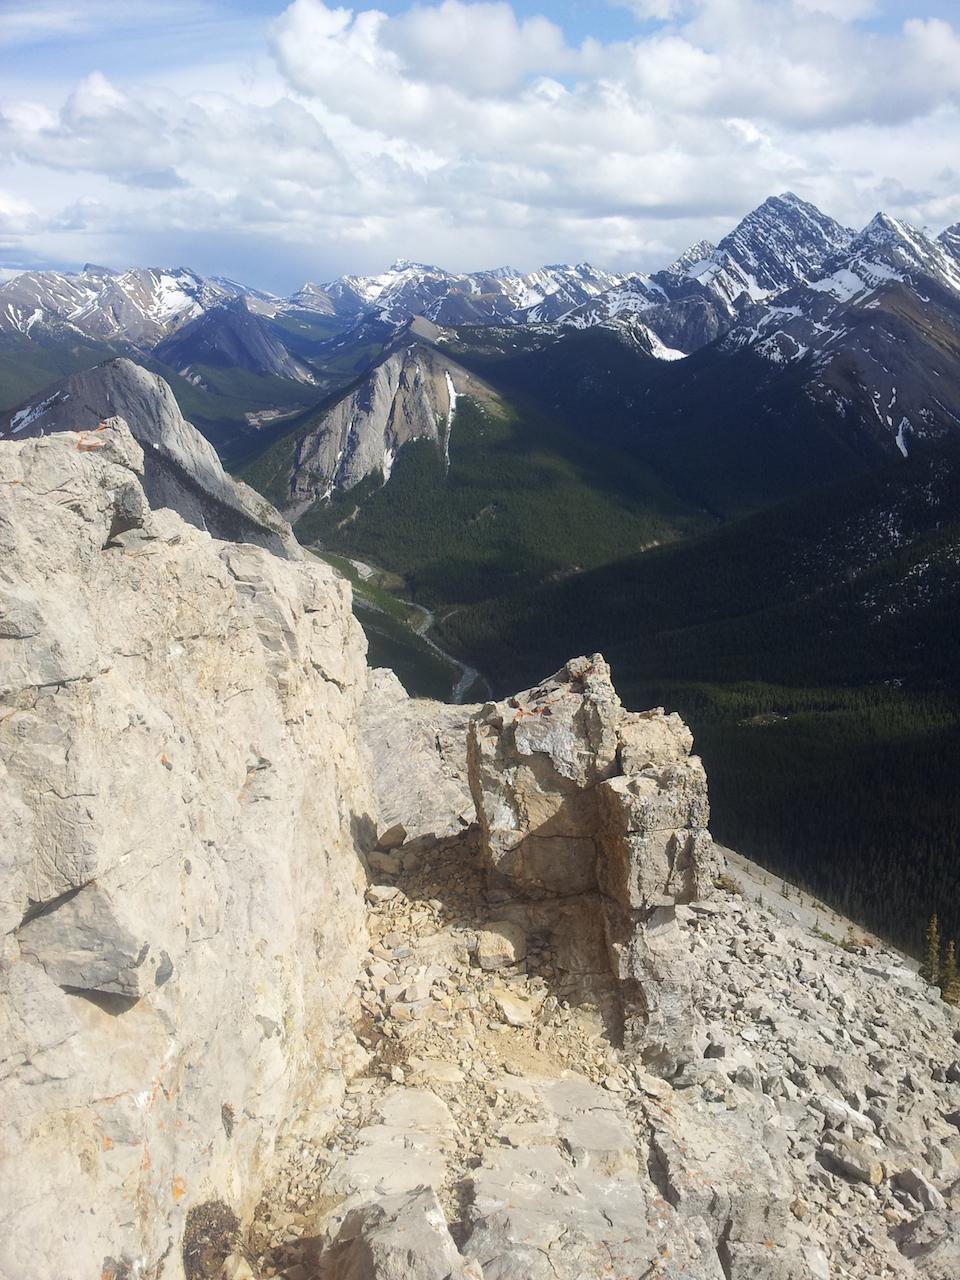 Ještě jednou výhled ze Sulphur Ridge